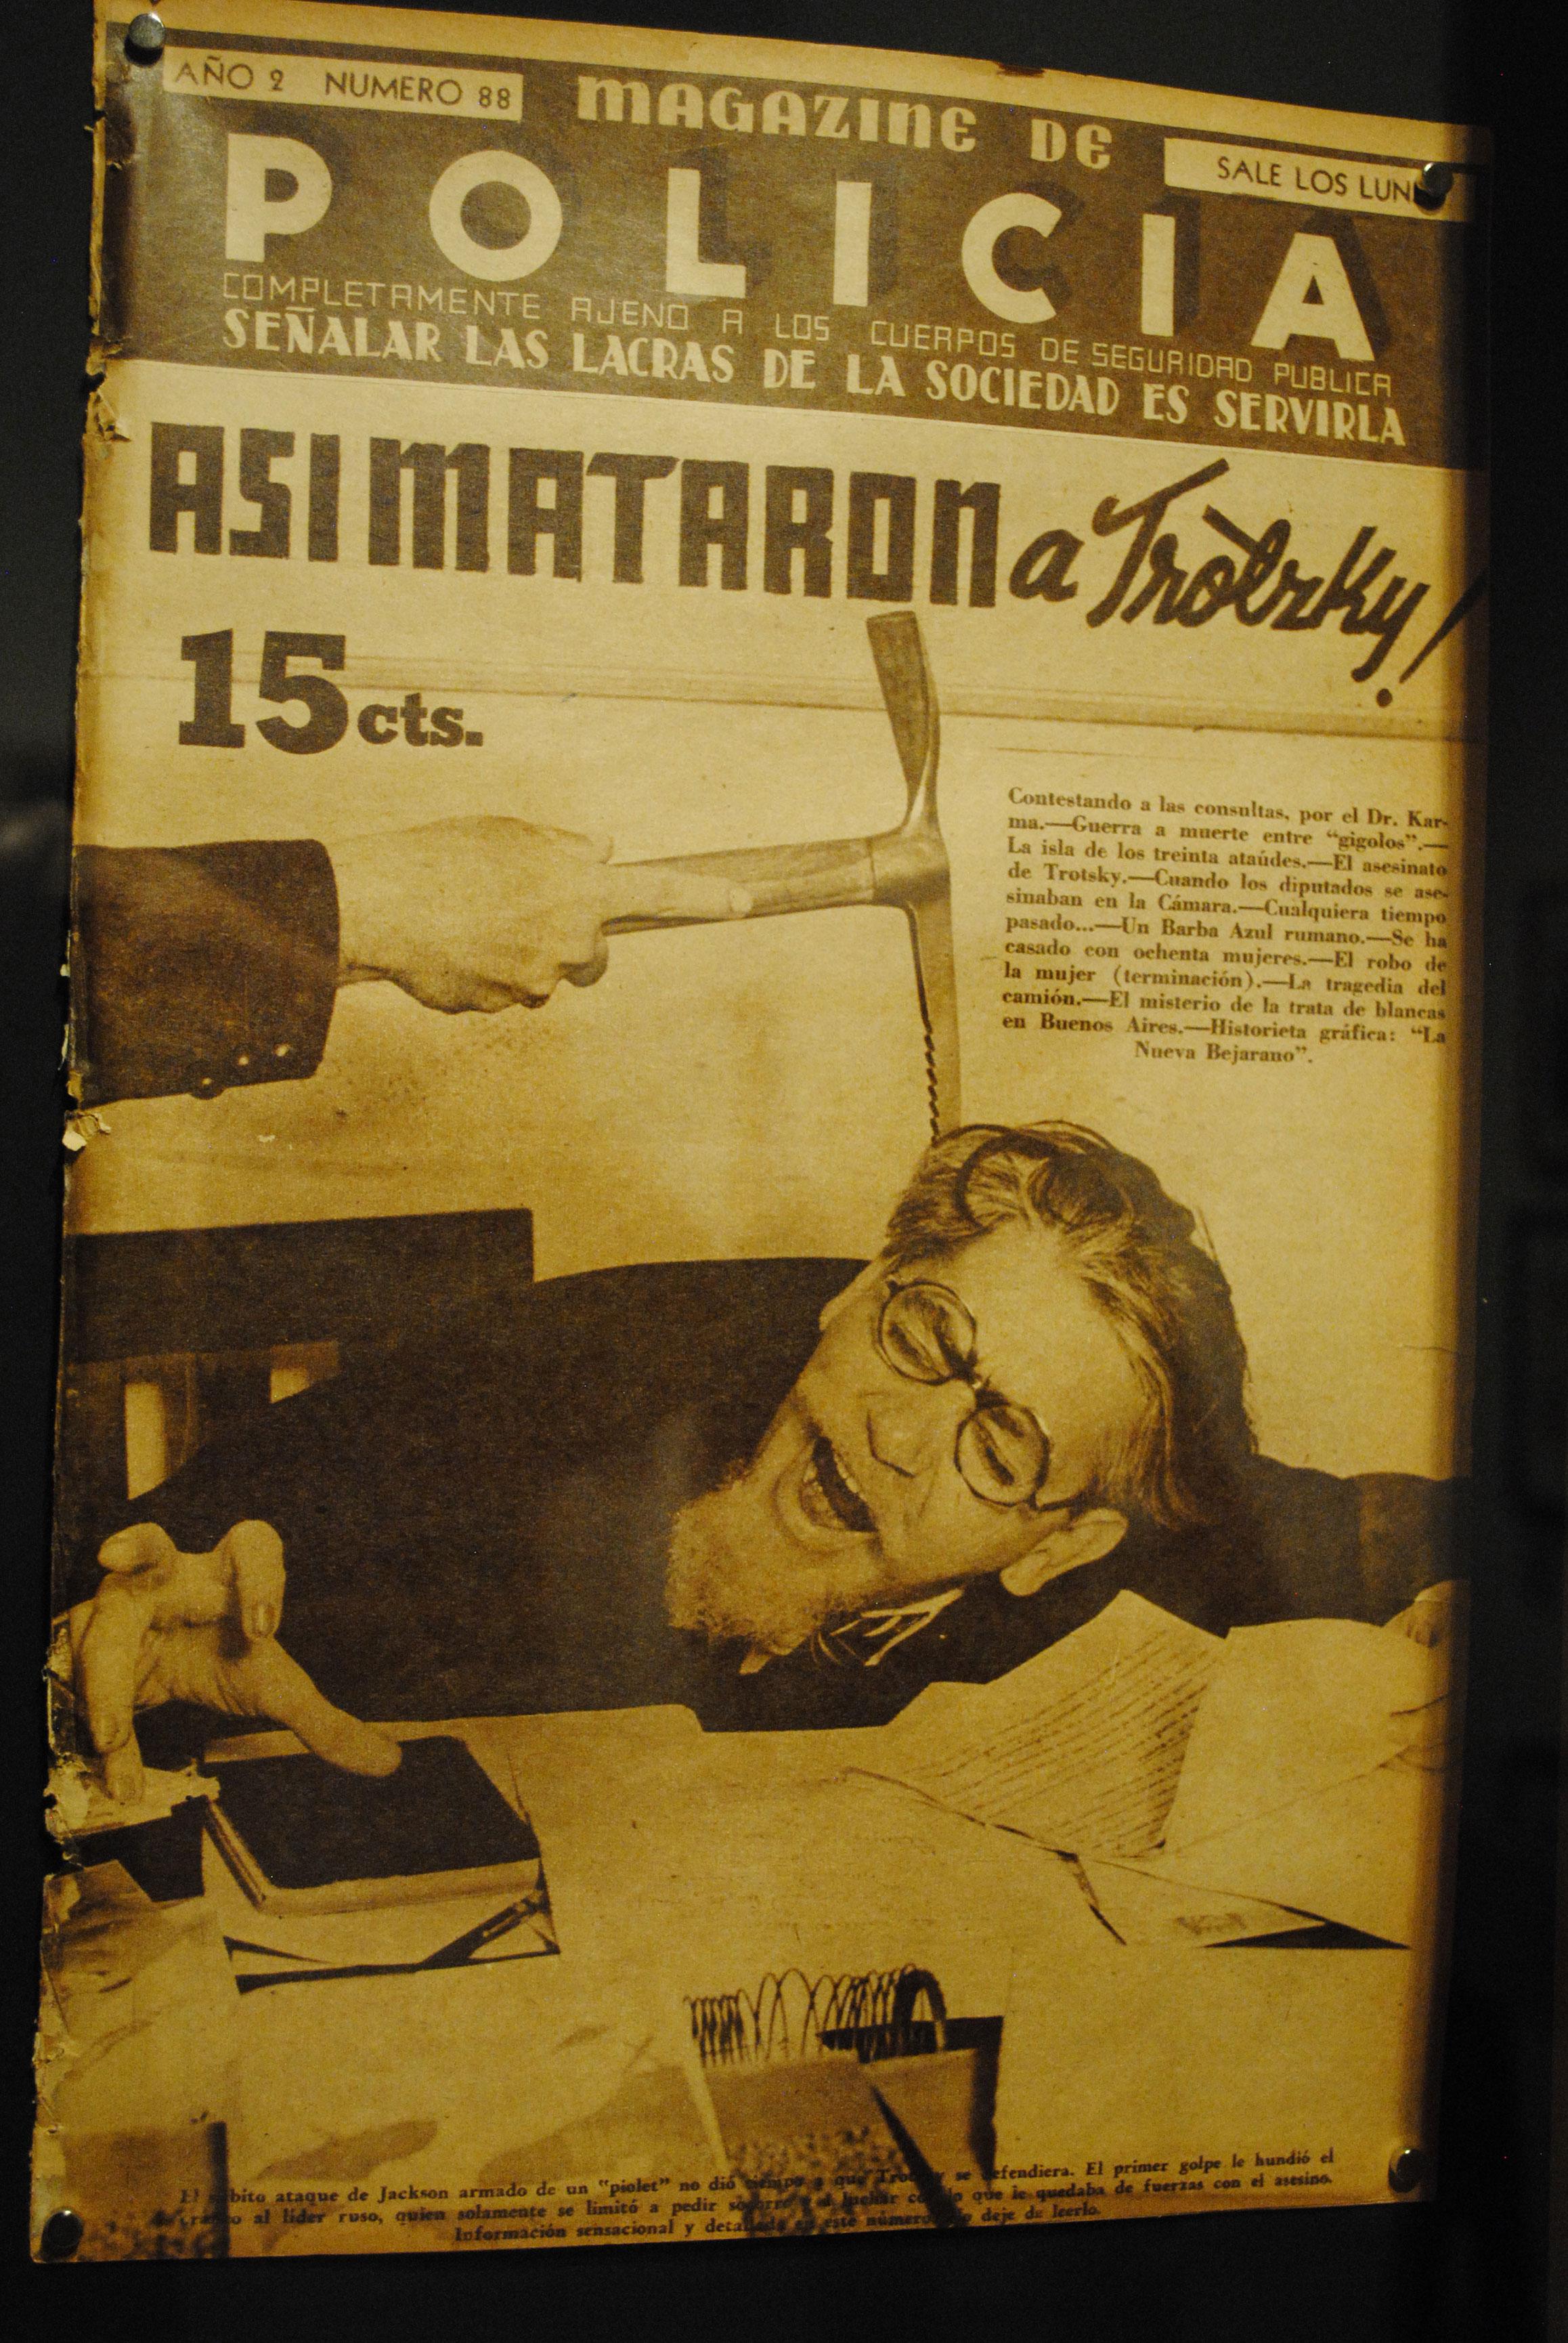 El asesinato del ucraniano León Trotsky tiene su apartado en la exposición. Foto: propiedad de la revista Protocolo Copyright©